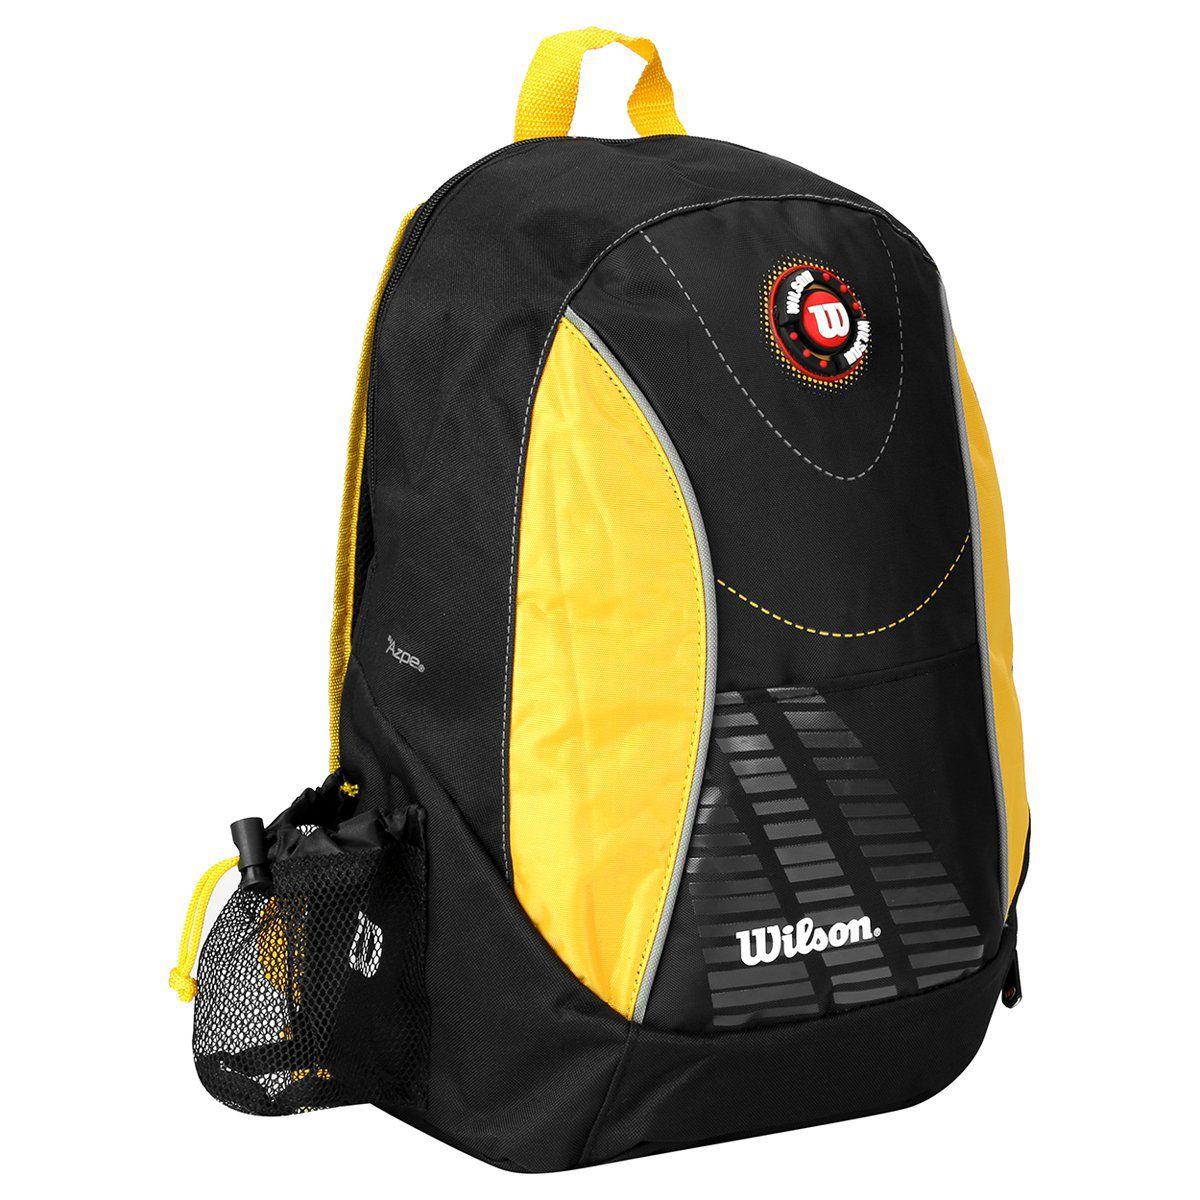 Mochila Wilson Esp WTIX12255D - Preto e Amarelo  - REAL ESPORTE